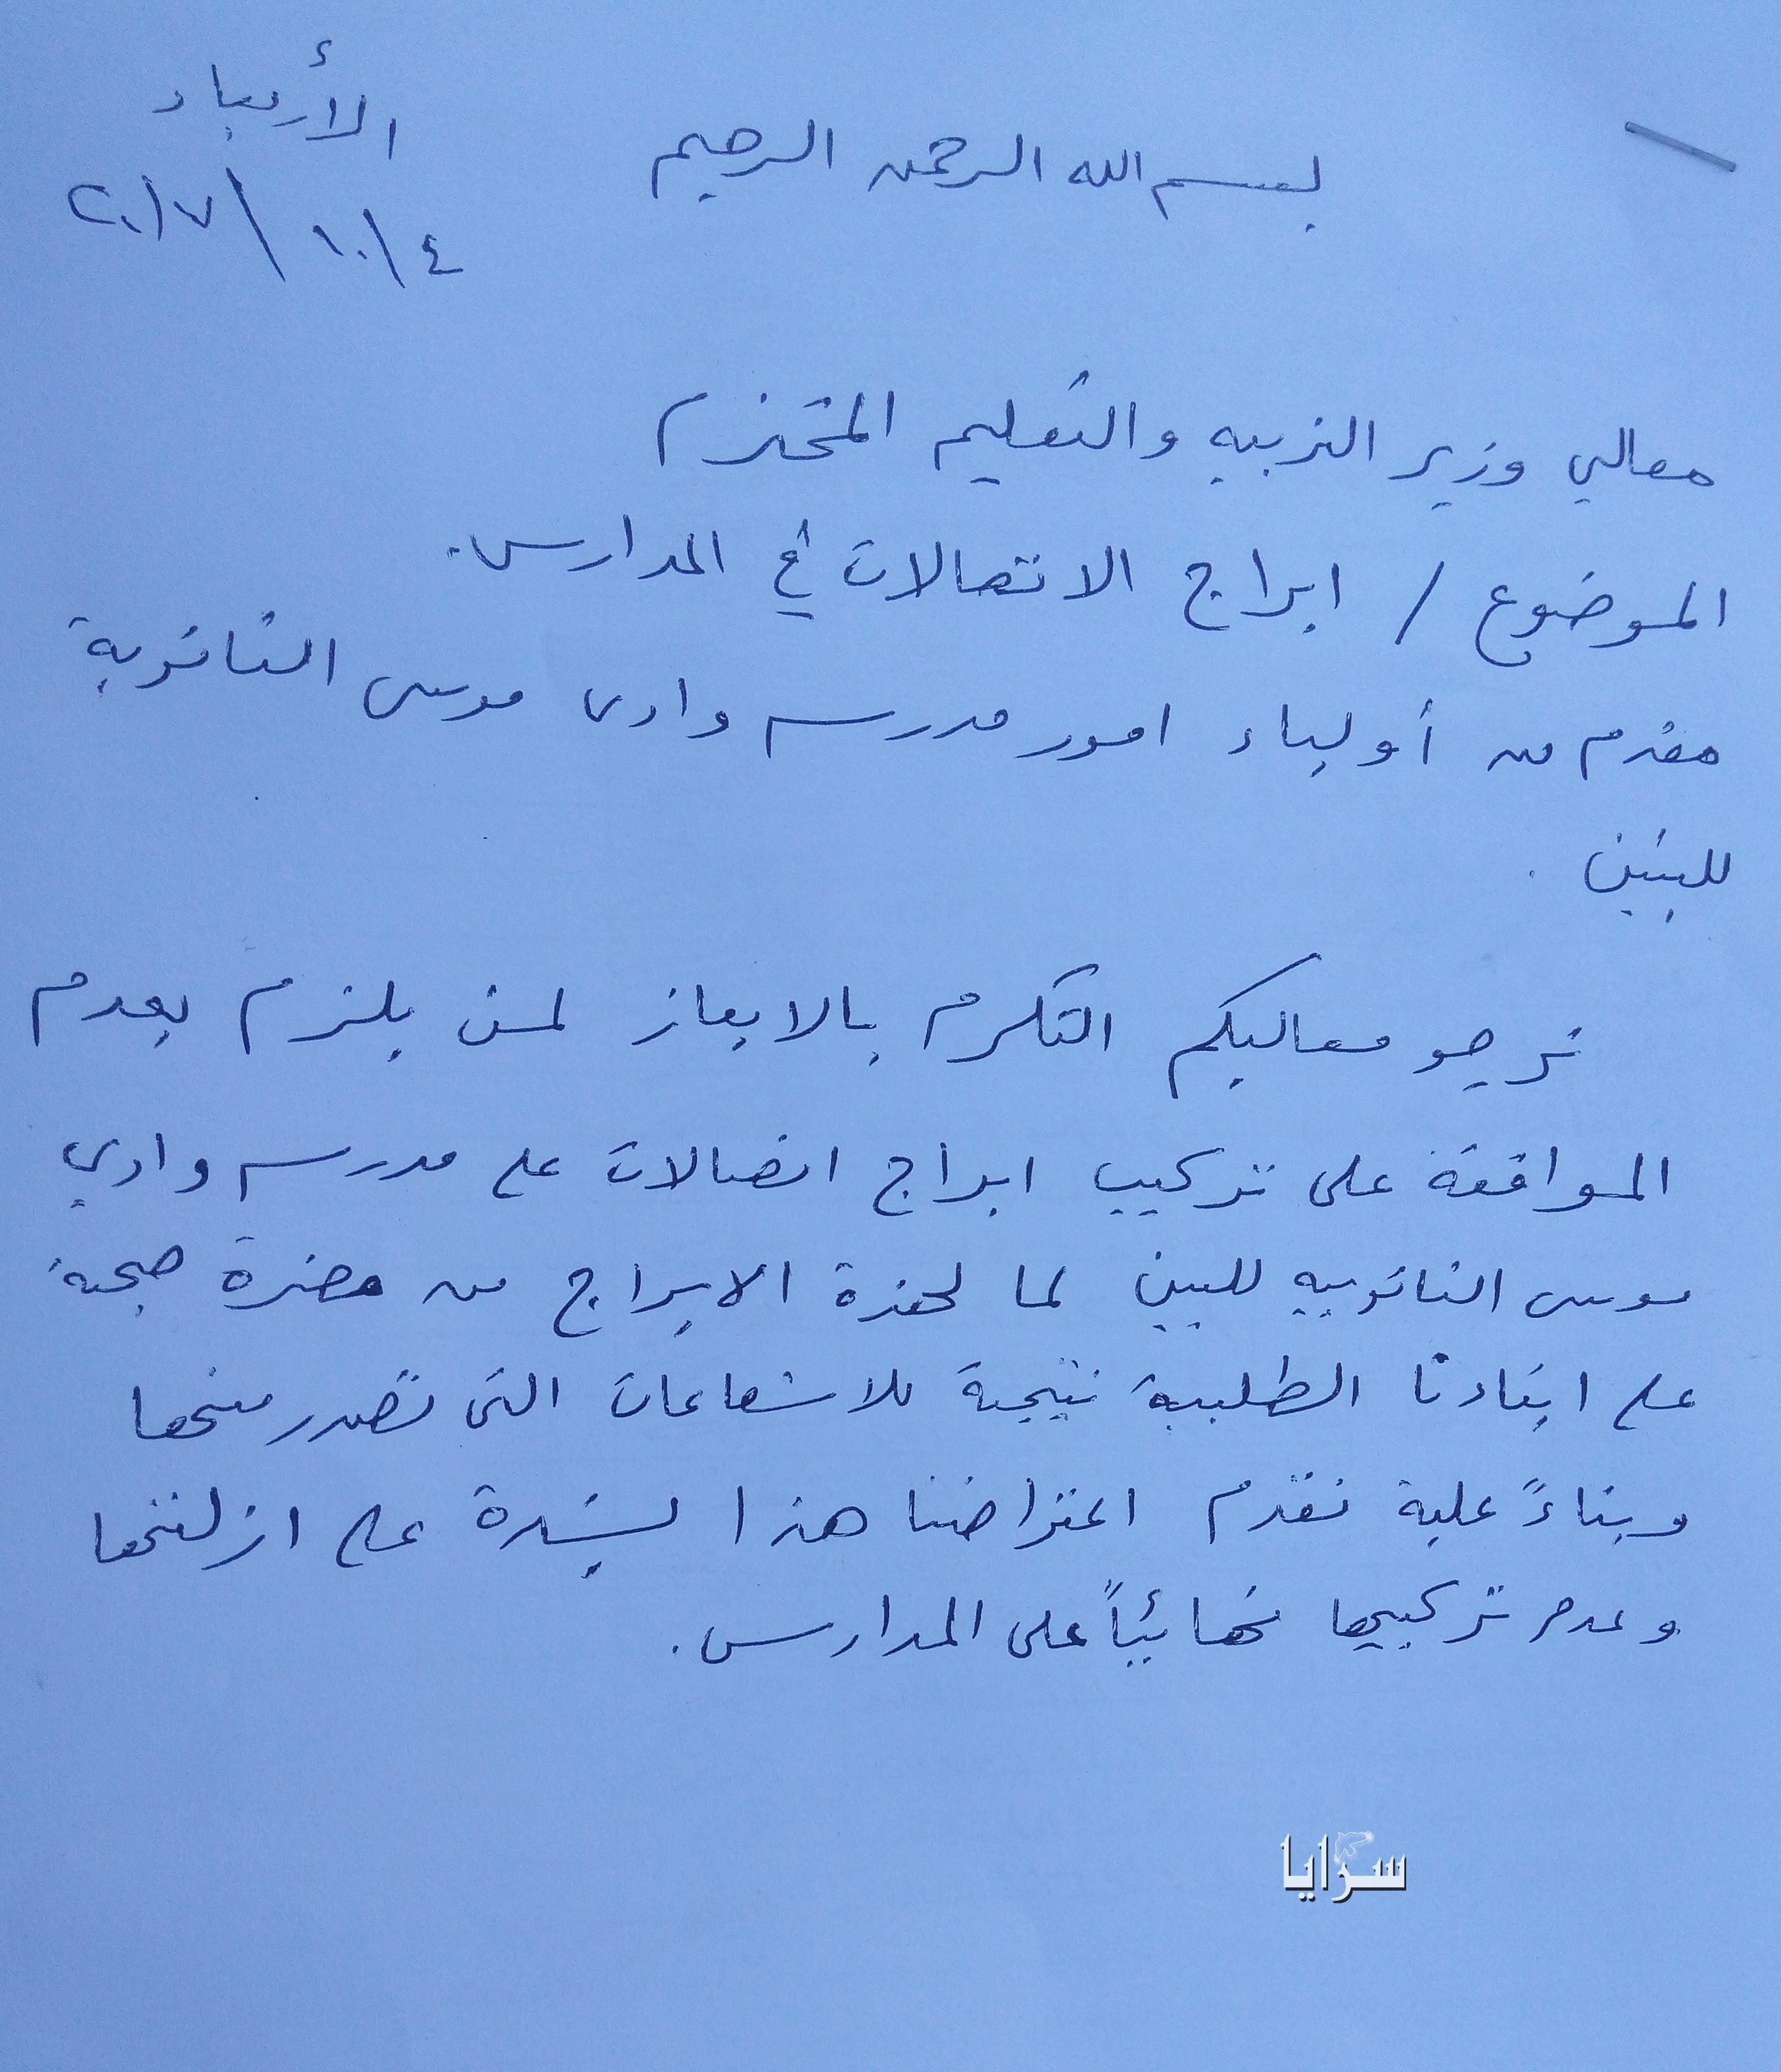 مطالبات لوزير التربية بعدم تركيب أبراج اتصالات فوق مبنى مدرسة بوادي موسى ..  وثيقة